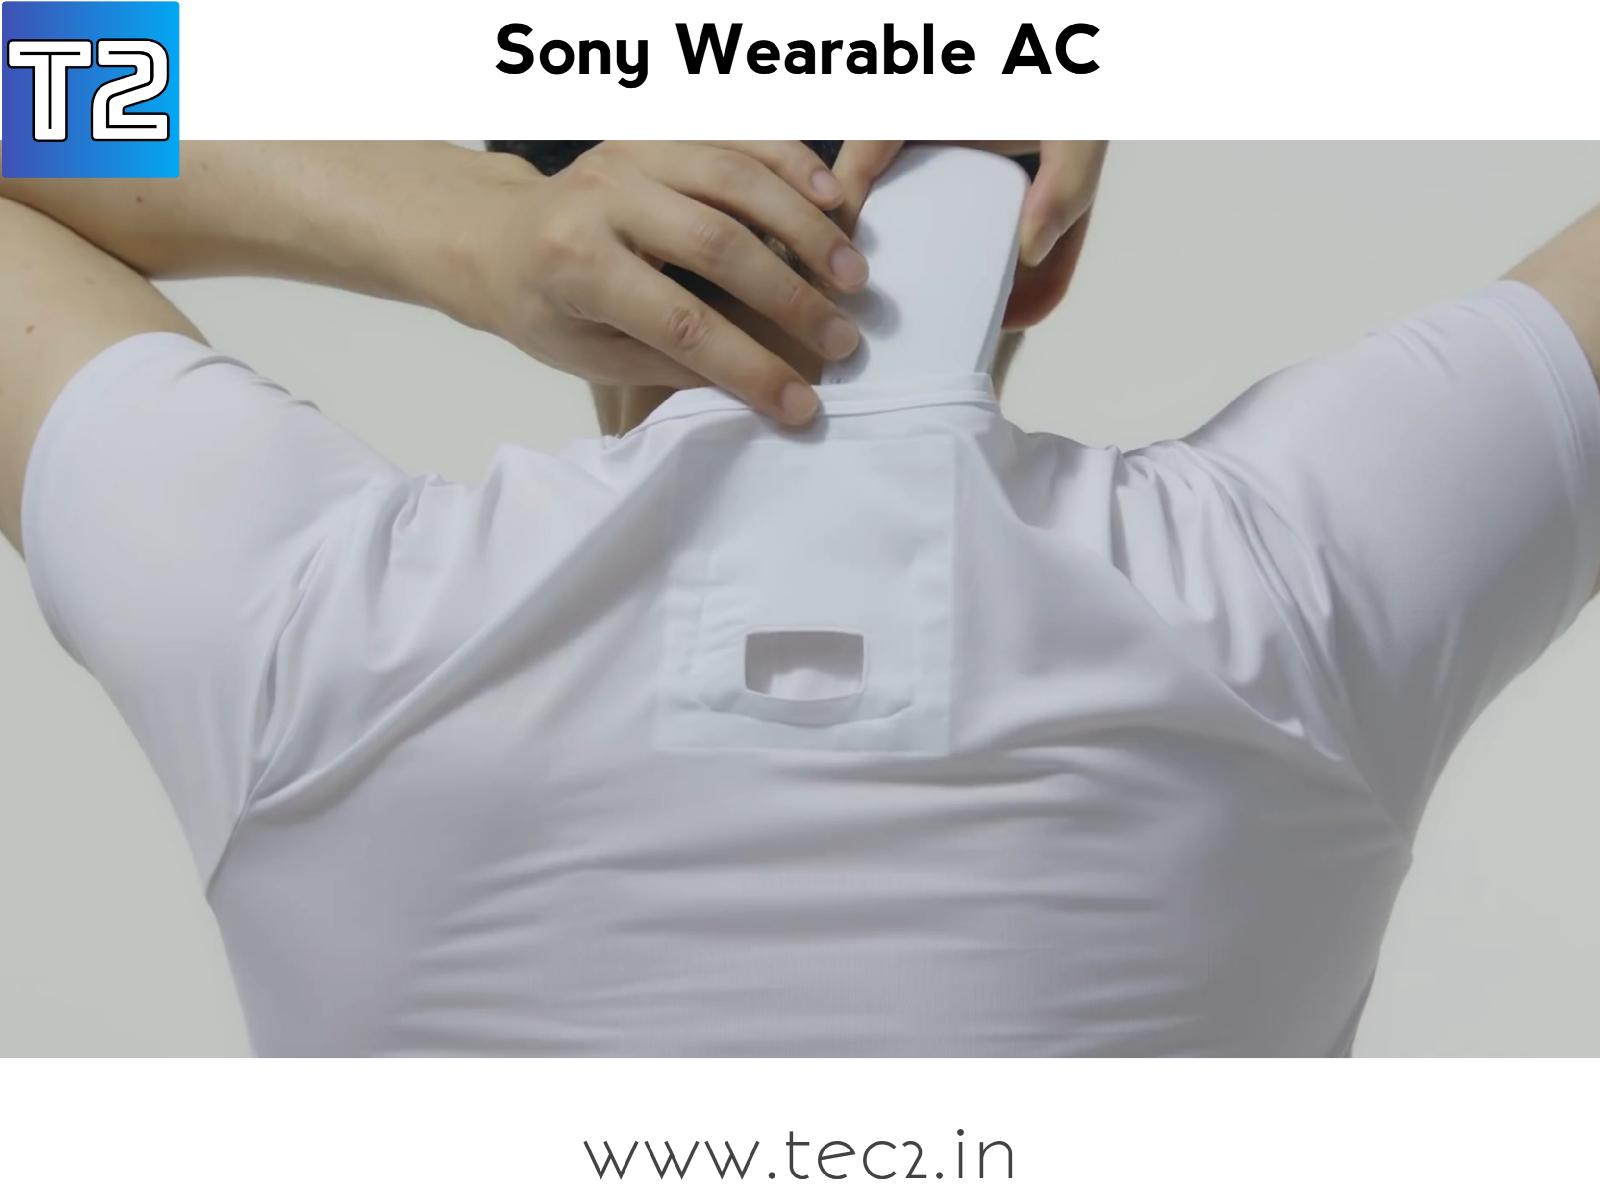 Sony Wearable AC V Neck inner